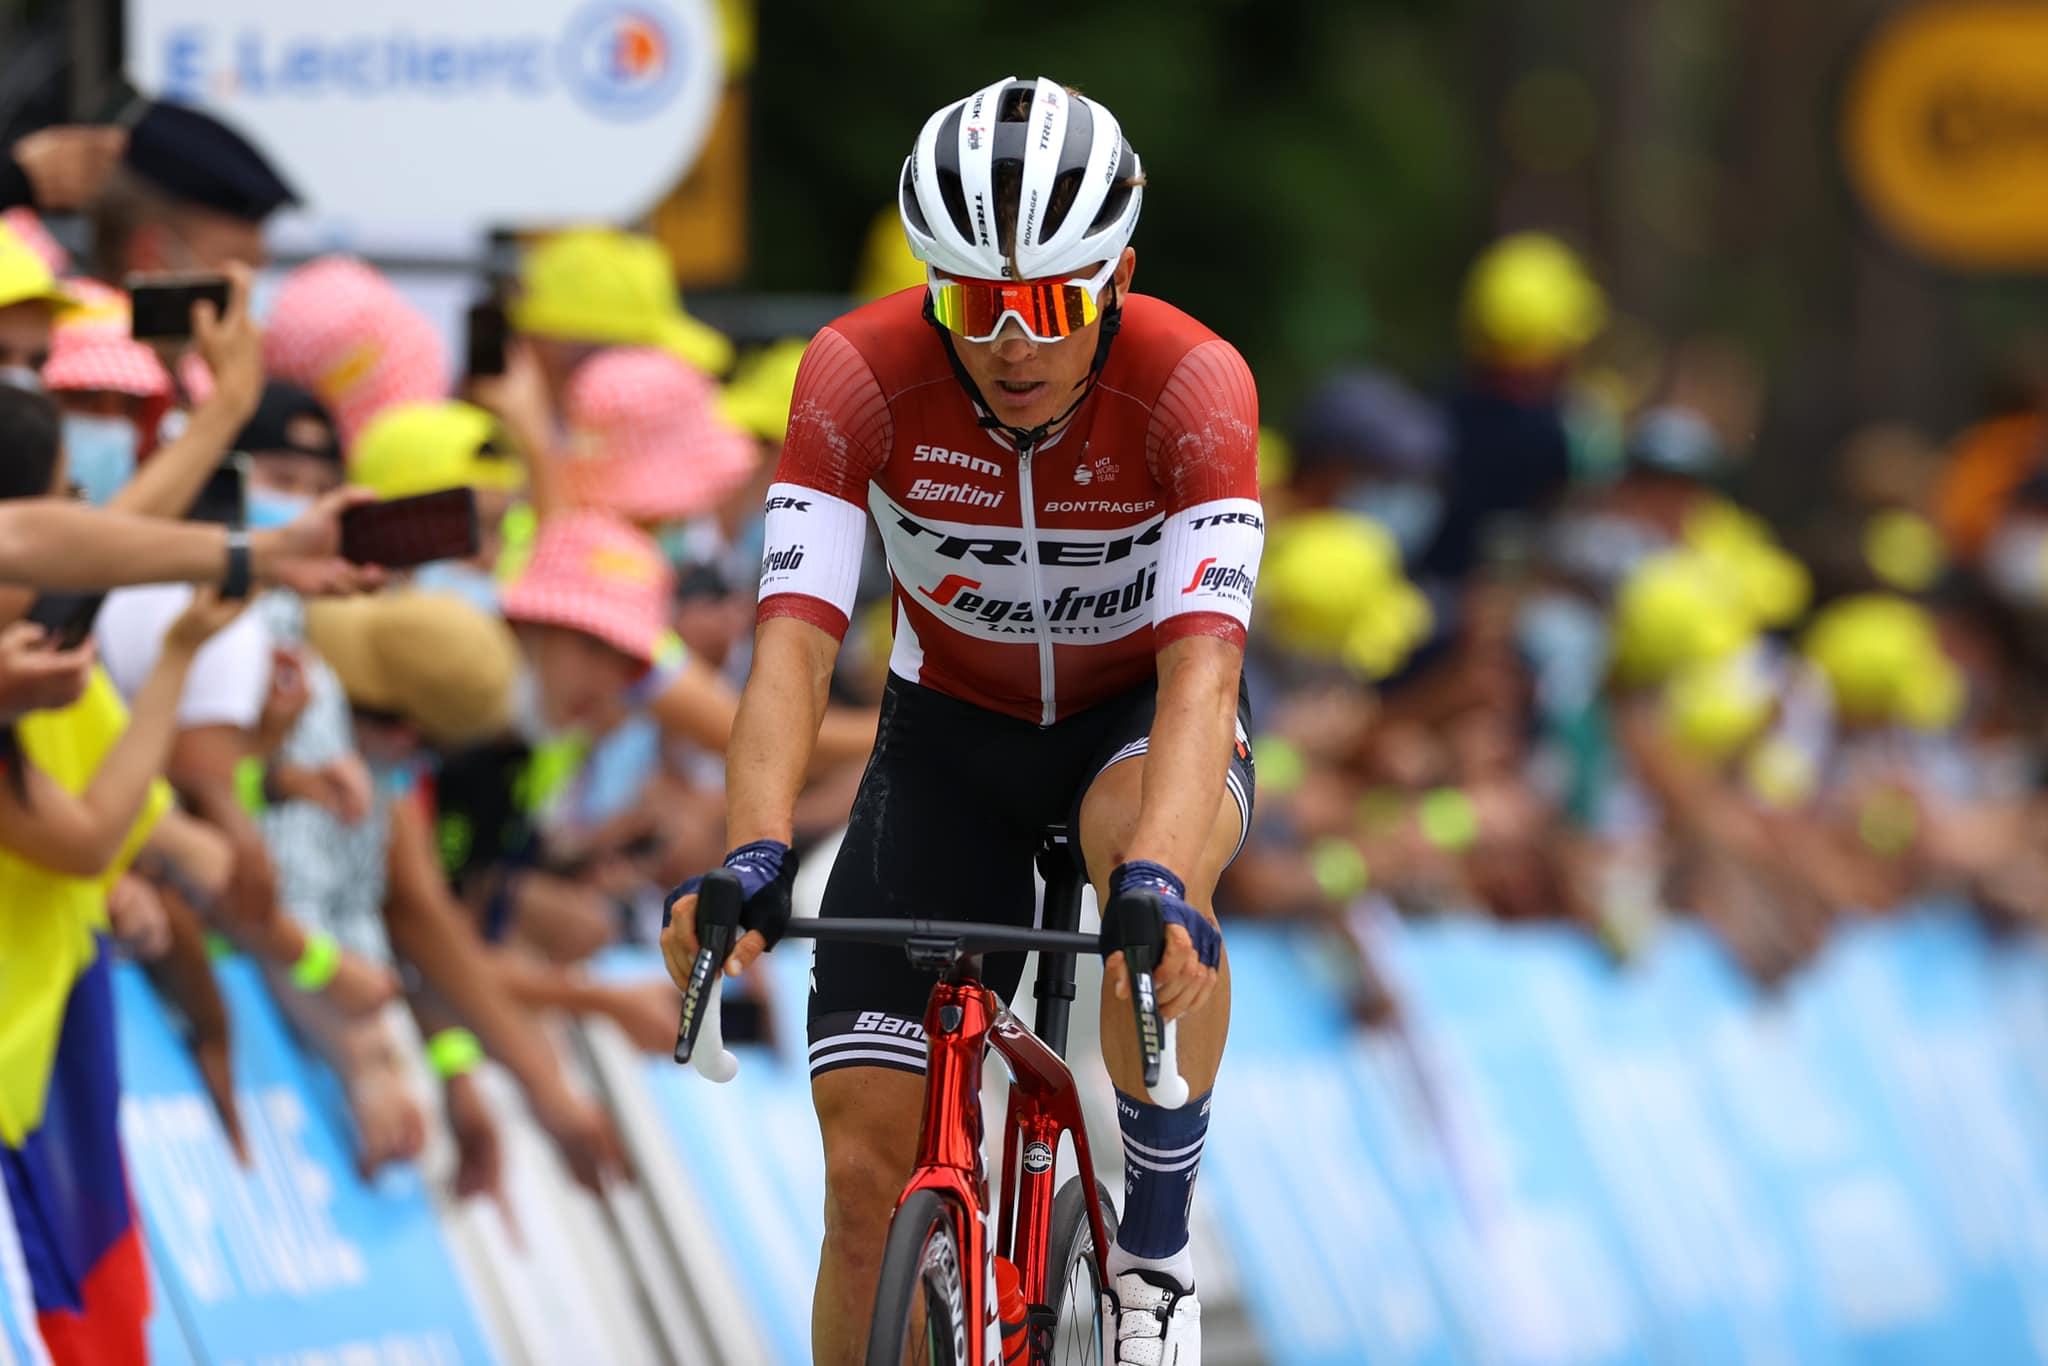 """Skujiņš iesaistās lielā atrāvienā un finišē 11. """"Tour de France"""" garākajā posmā"""